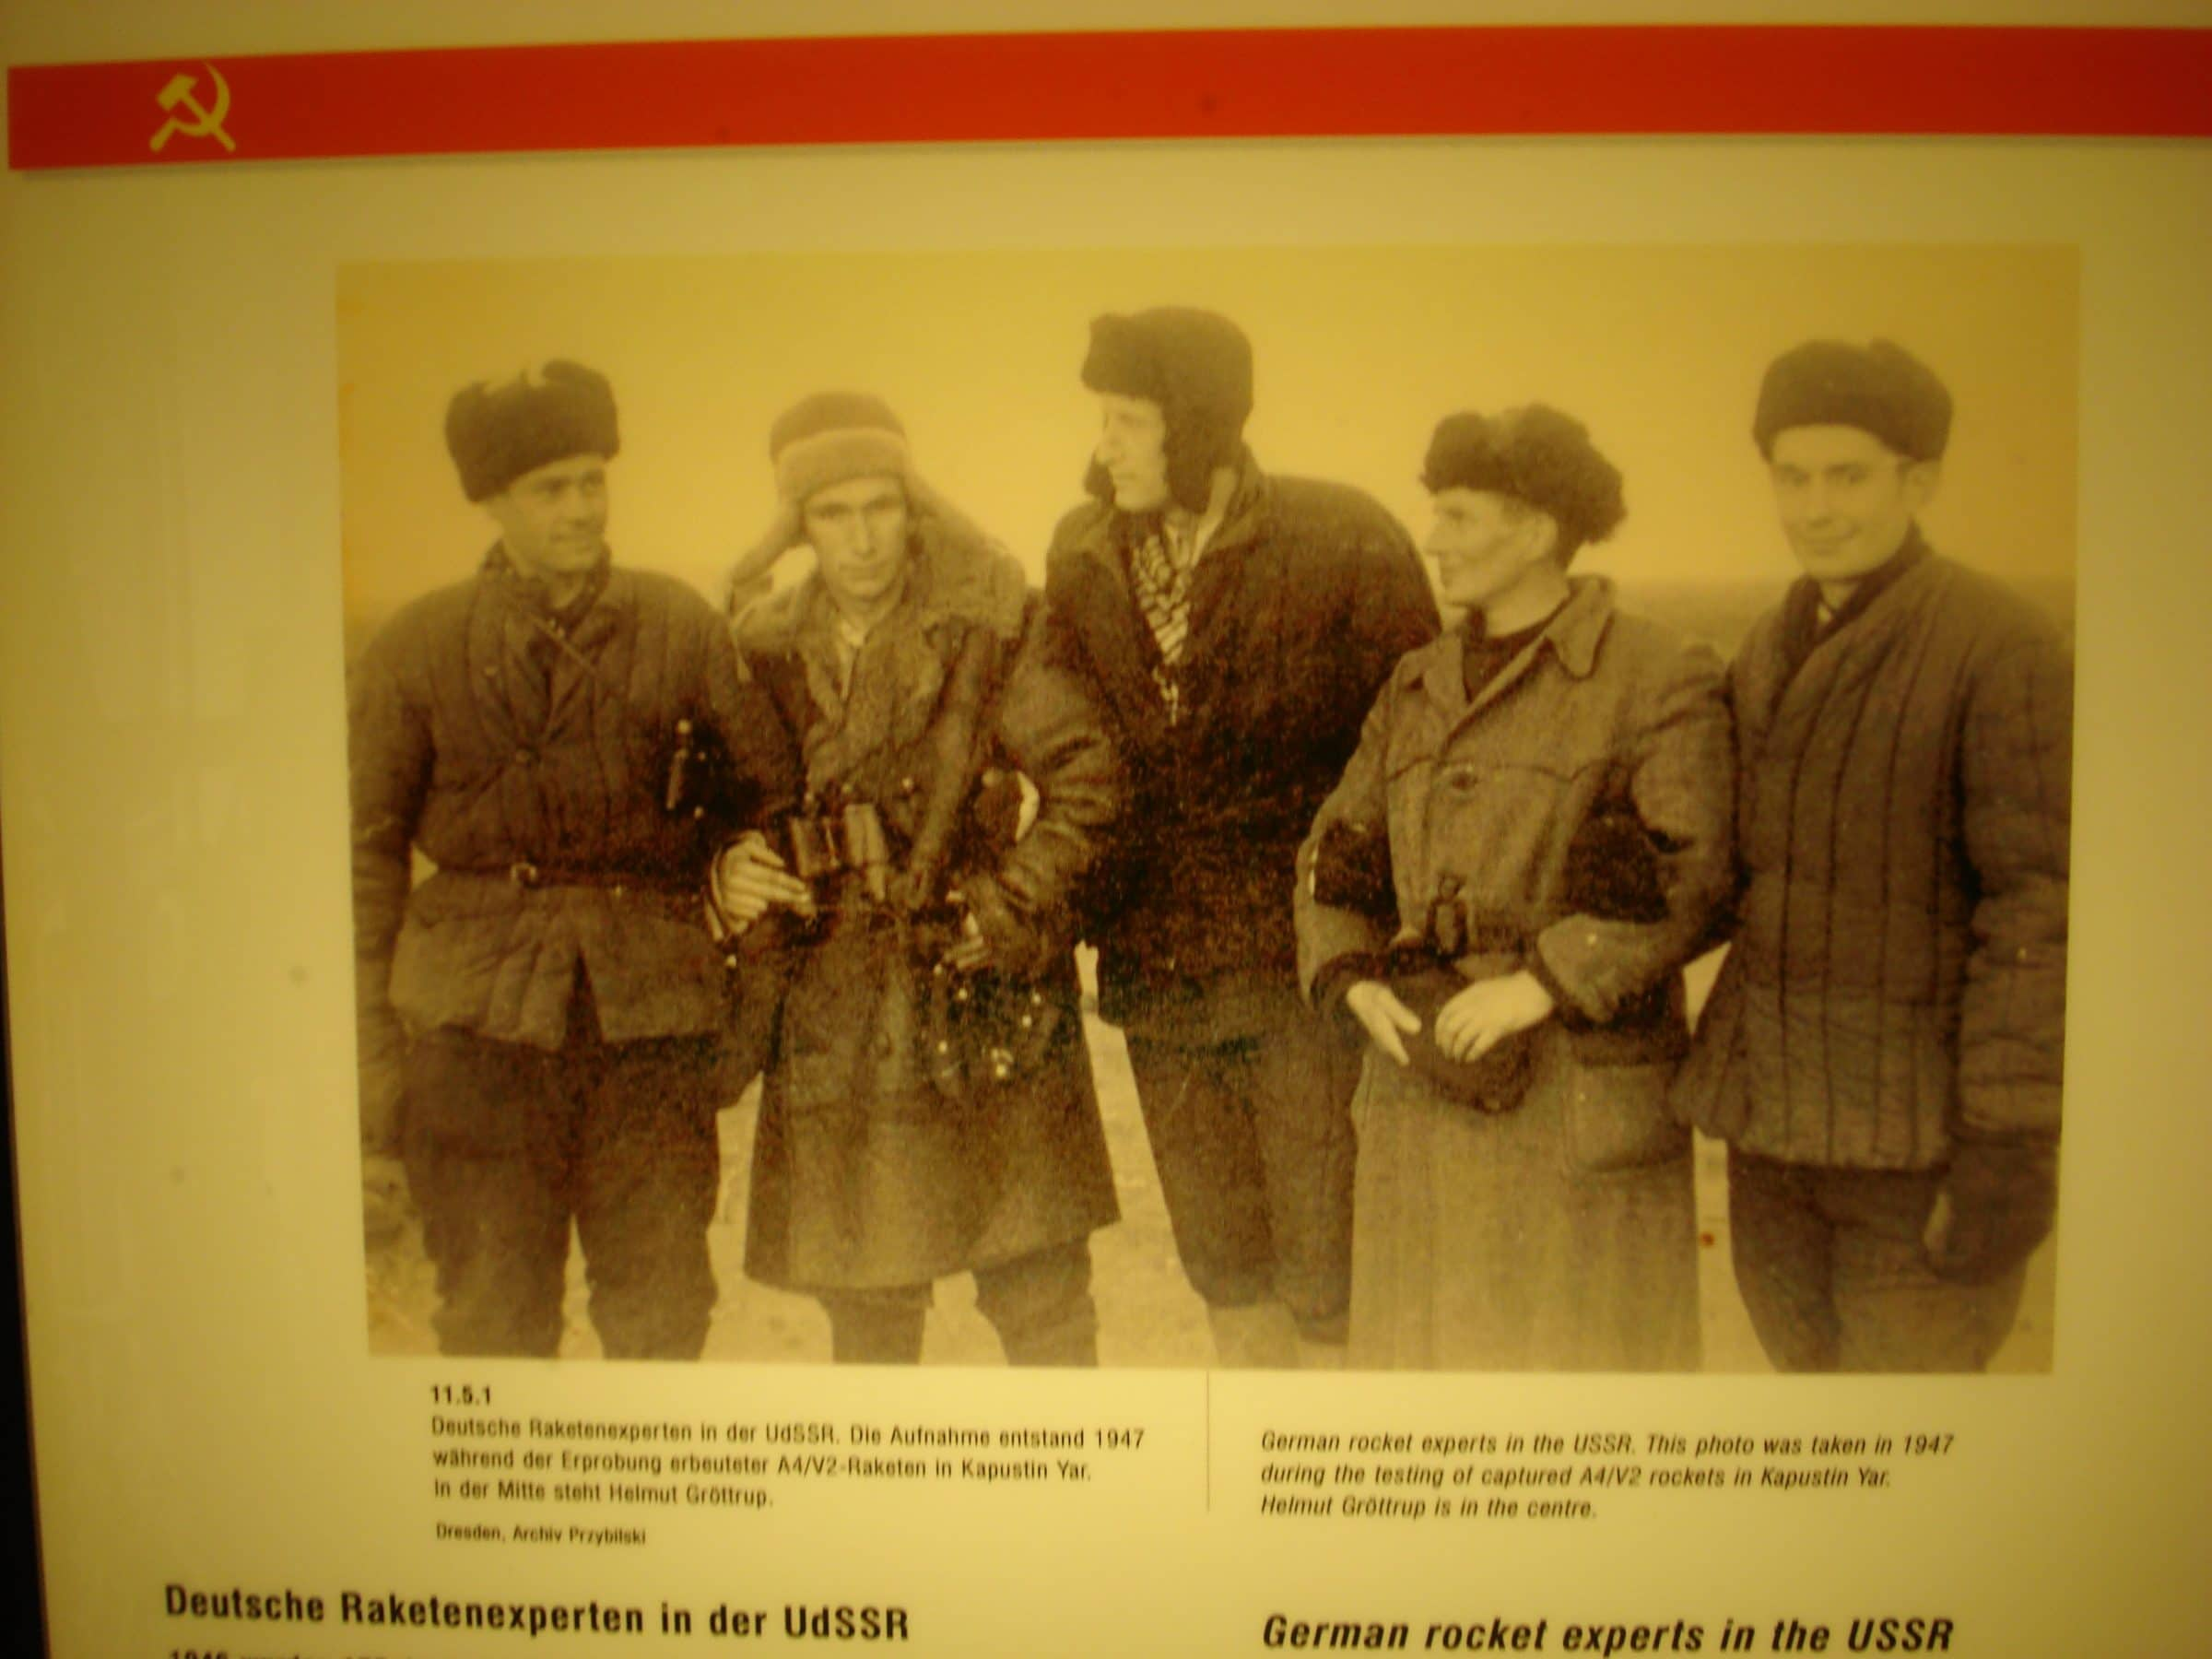 Uit het museum in Peenemünde: Een foto van Duitse raketwetenschappers die naar de Sovjet-Unie vertrekken